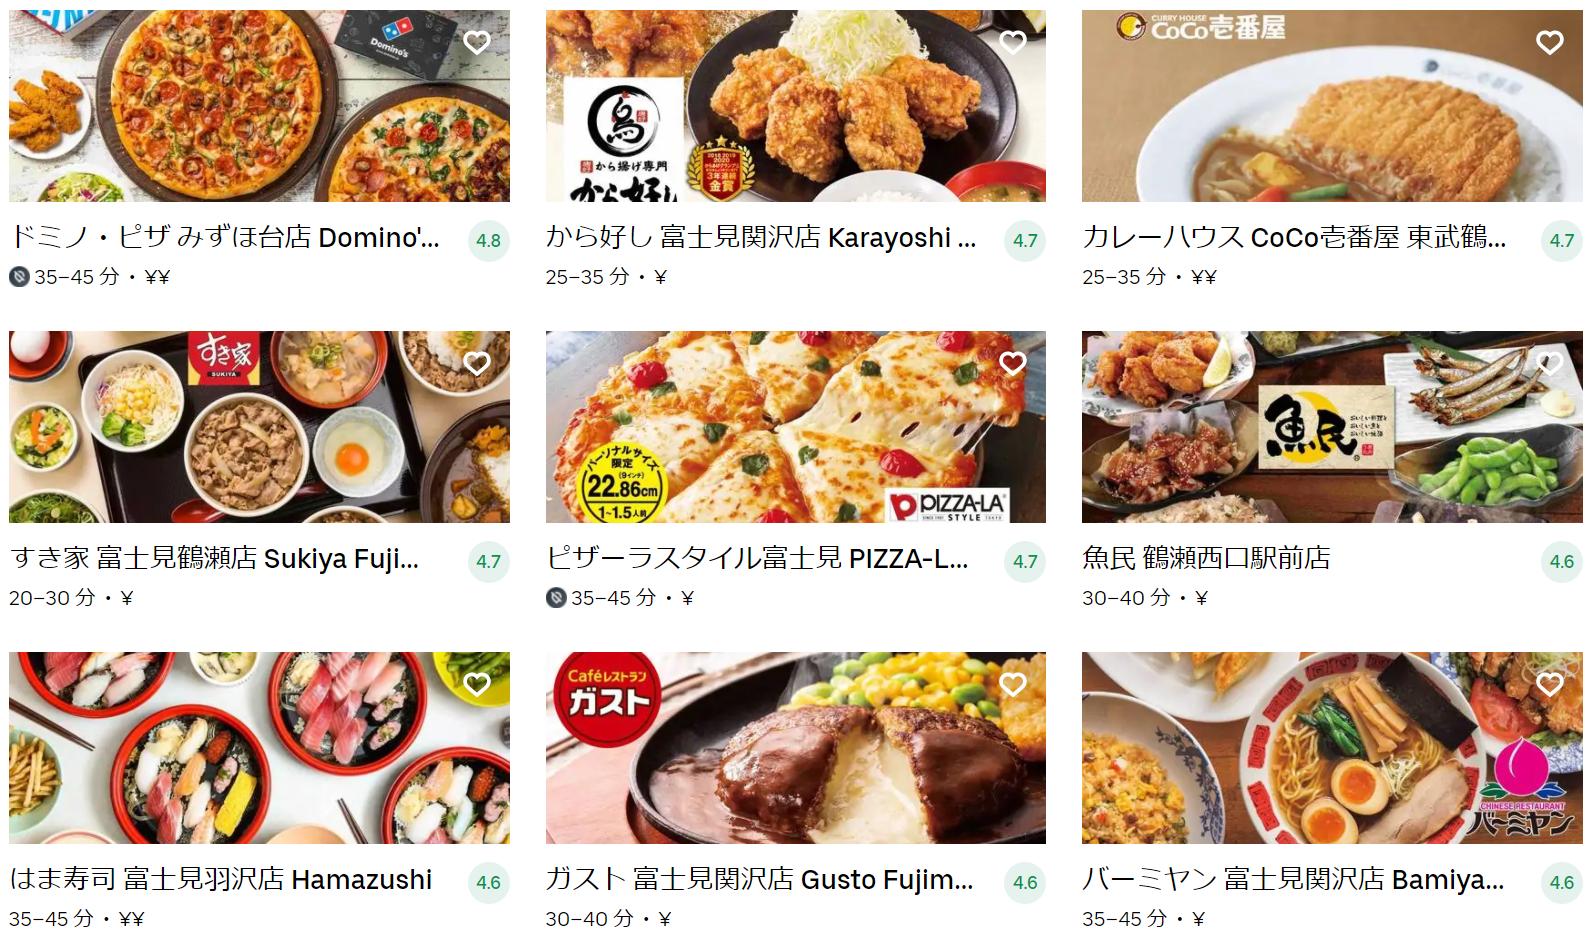 富士見市エリアのおすすめUber Eats(ウーバーイーツ)メニュー